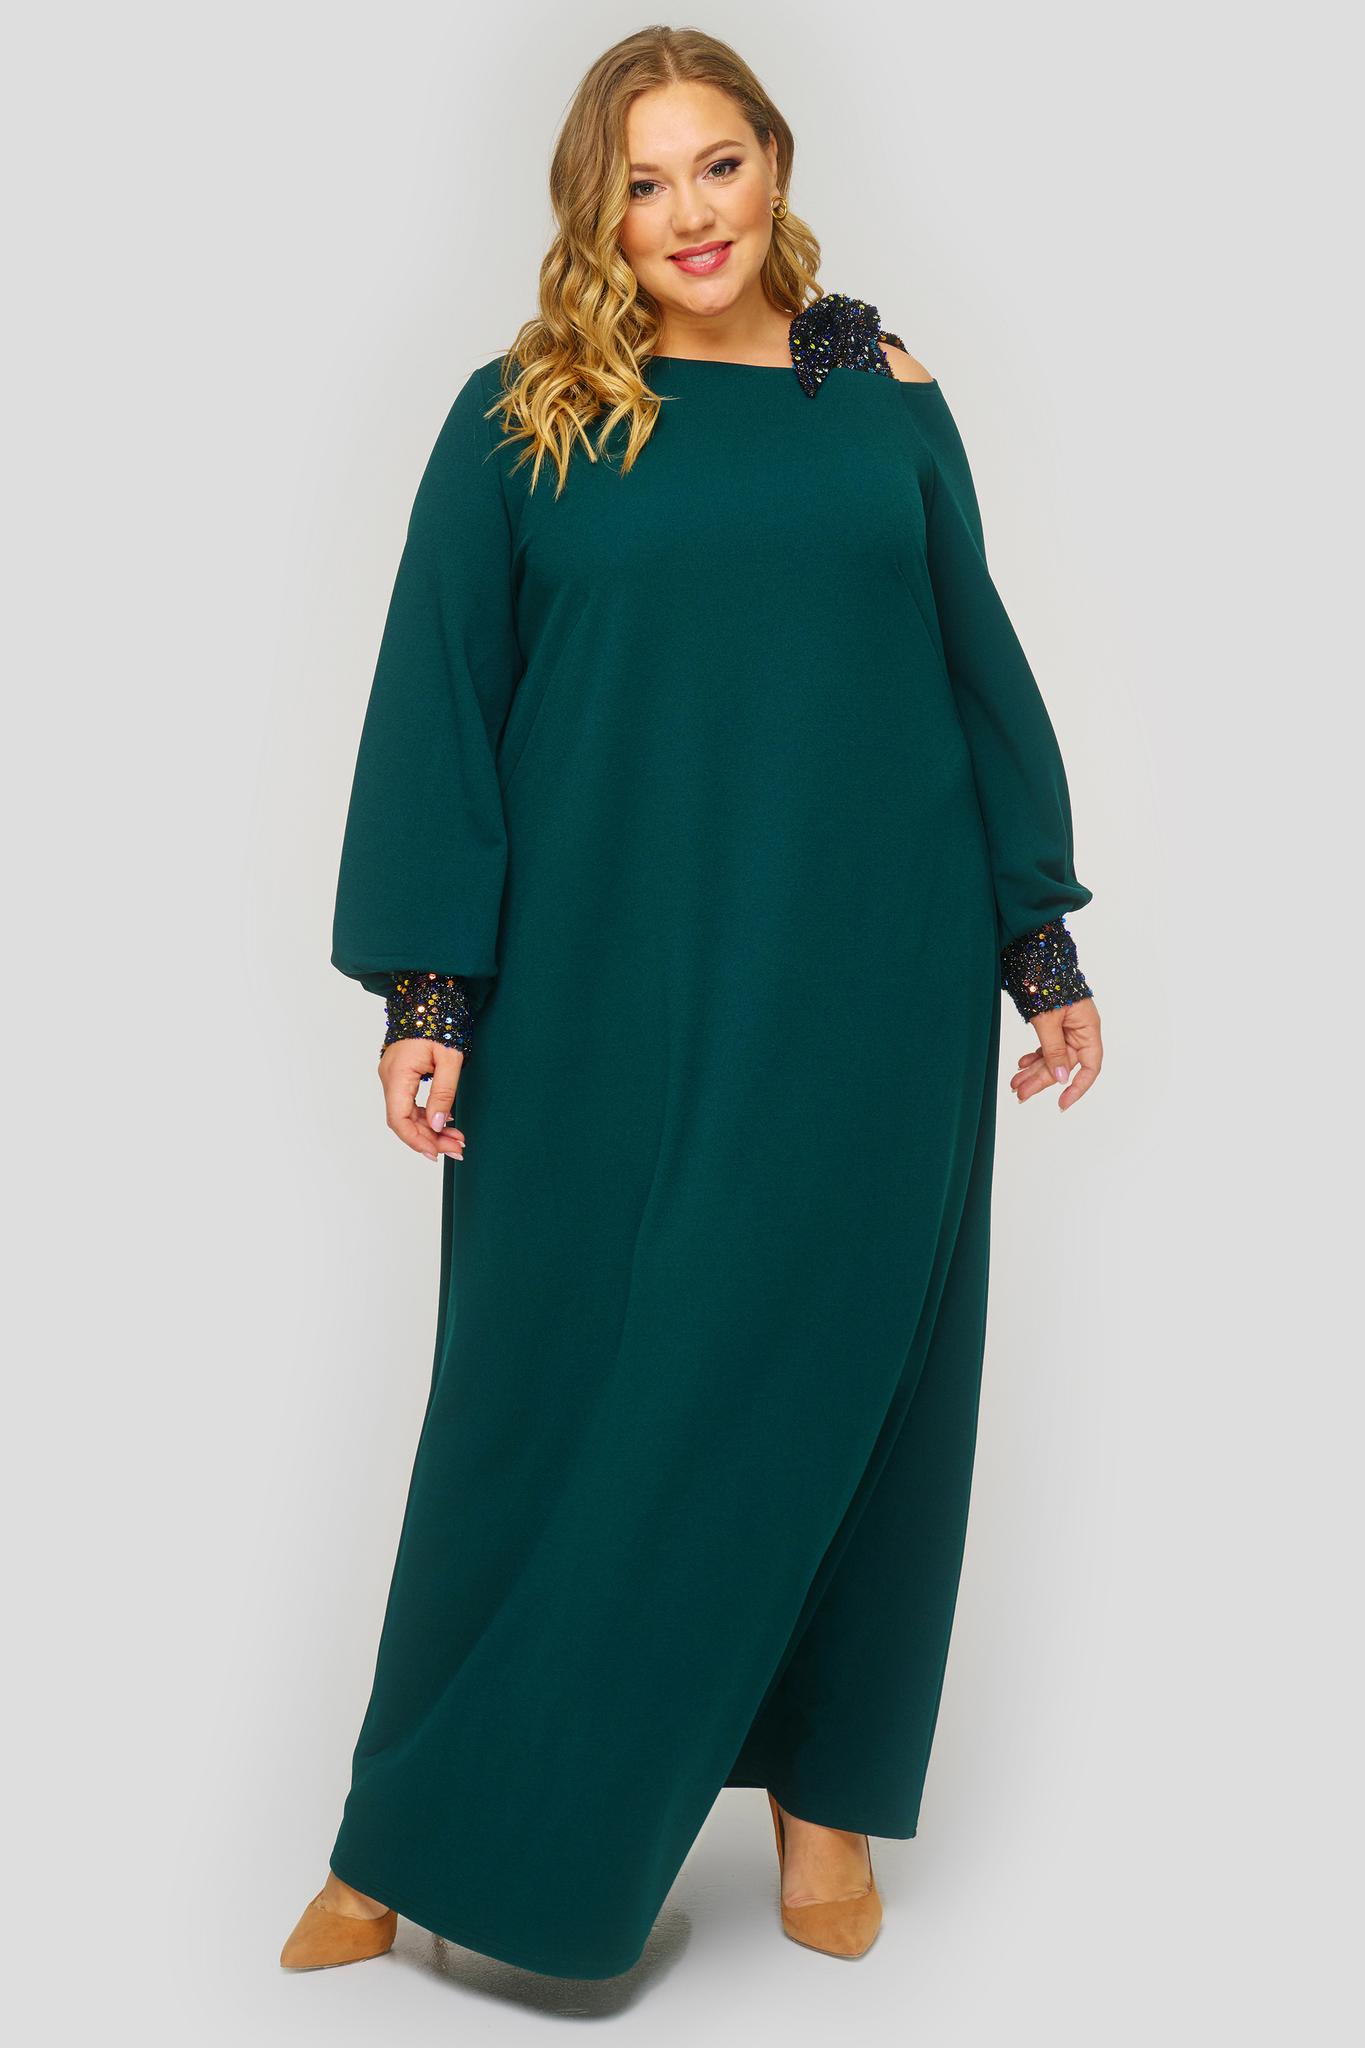 Платья Платье в пол 1823202 0cda24feff80c662af5c190191c0b38e.jpg